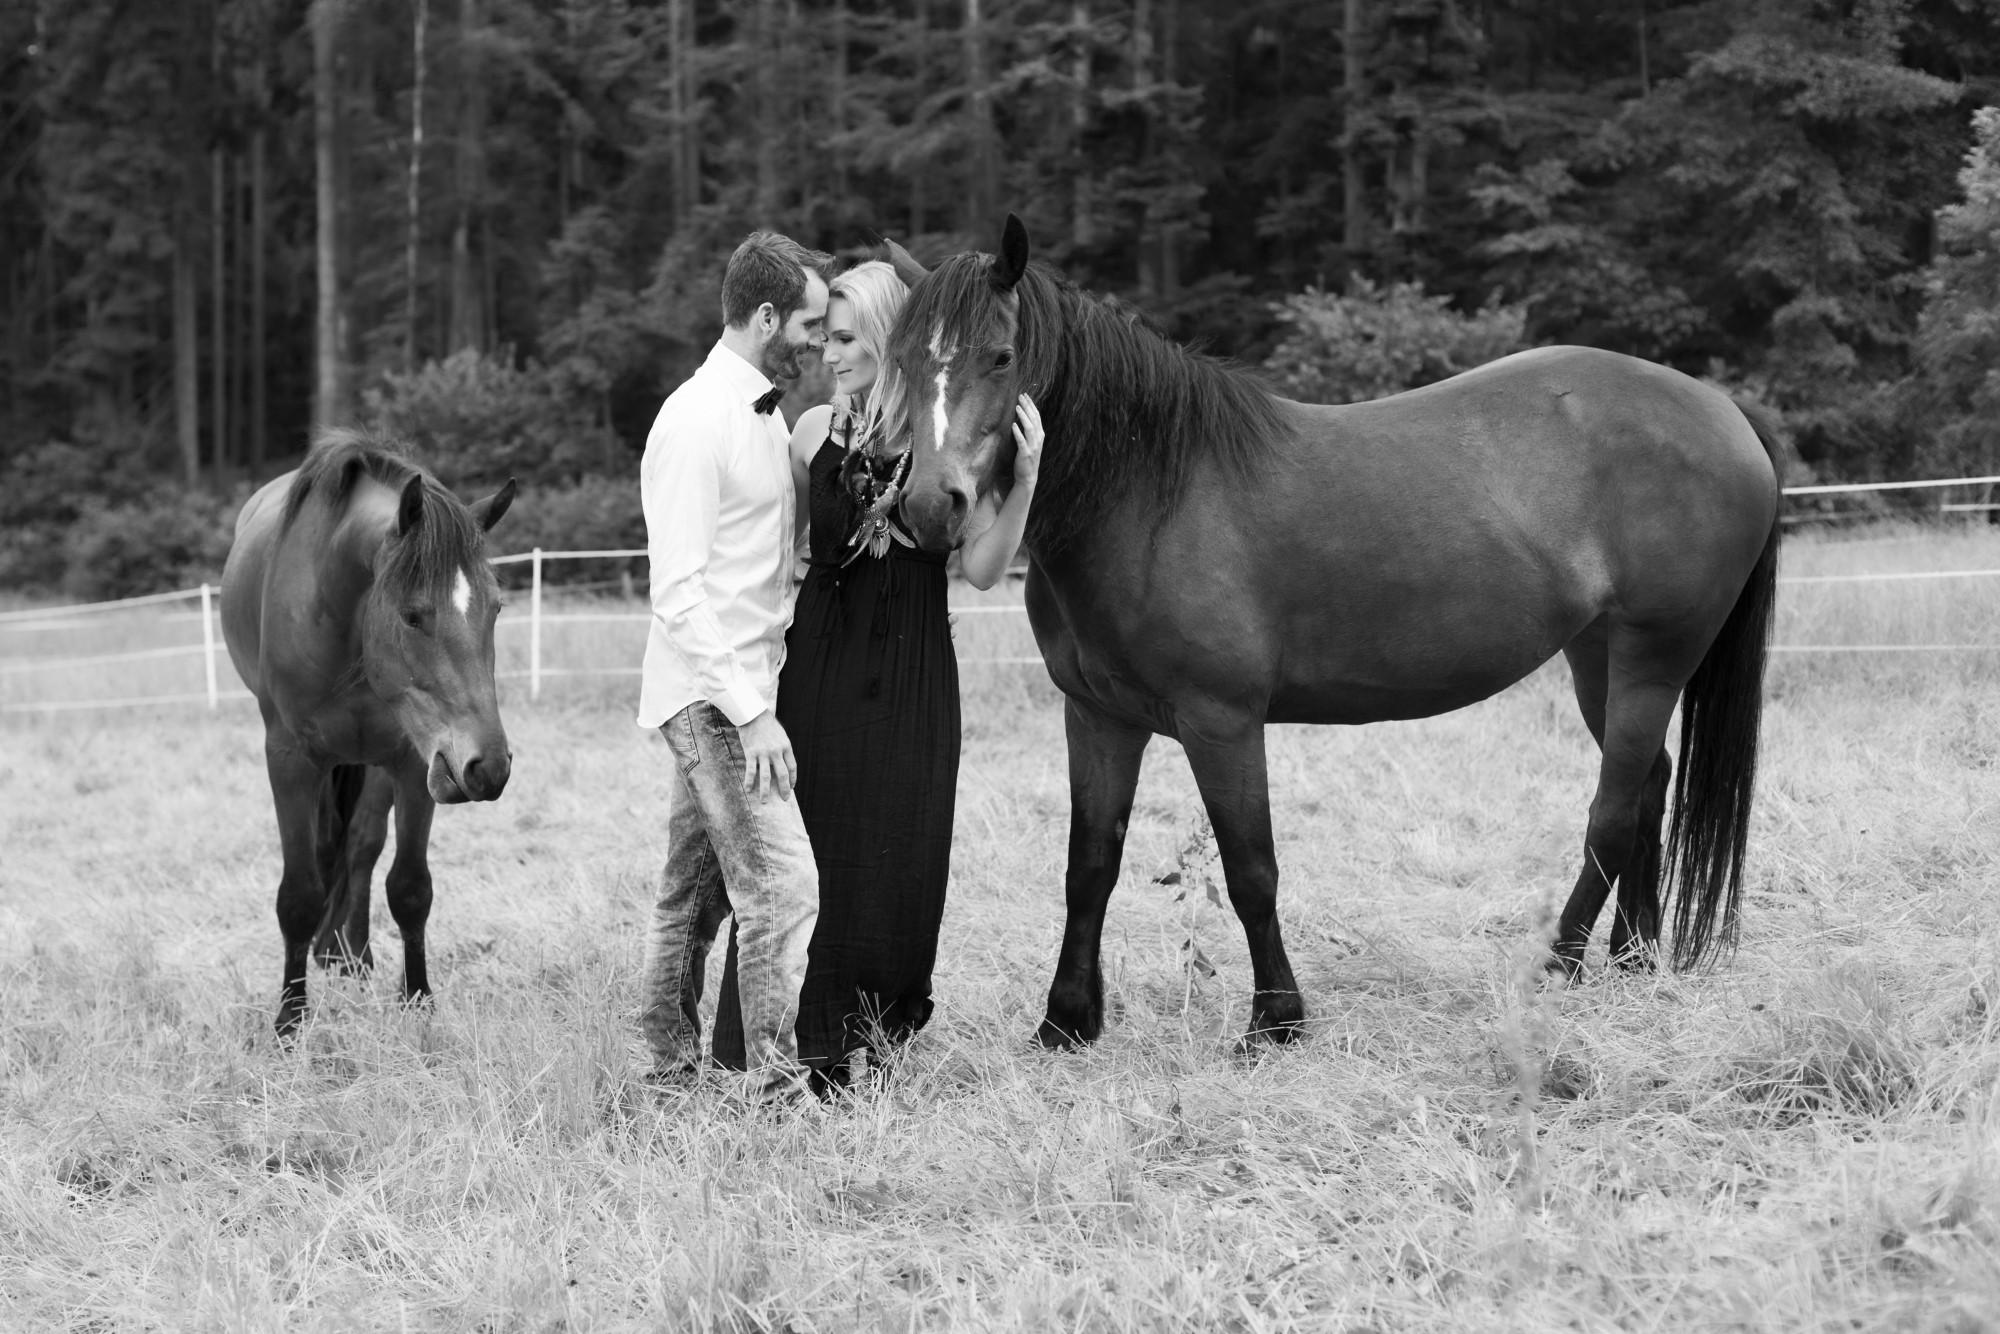 Schwarz Weiss Fotografie vom Paarfotoshooting mit dem Pferd